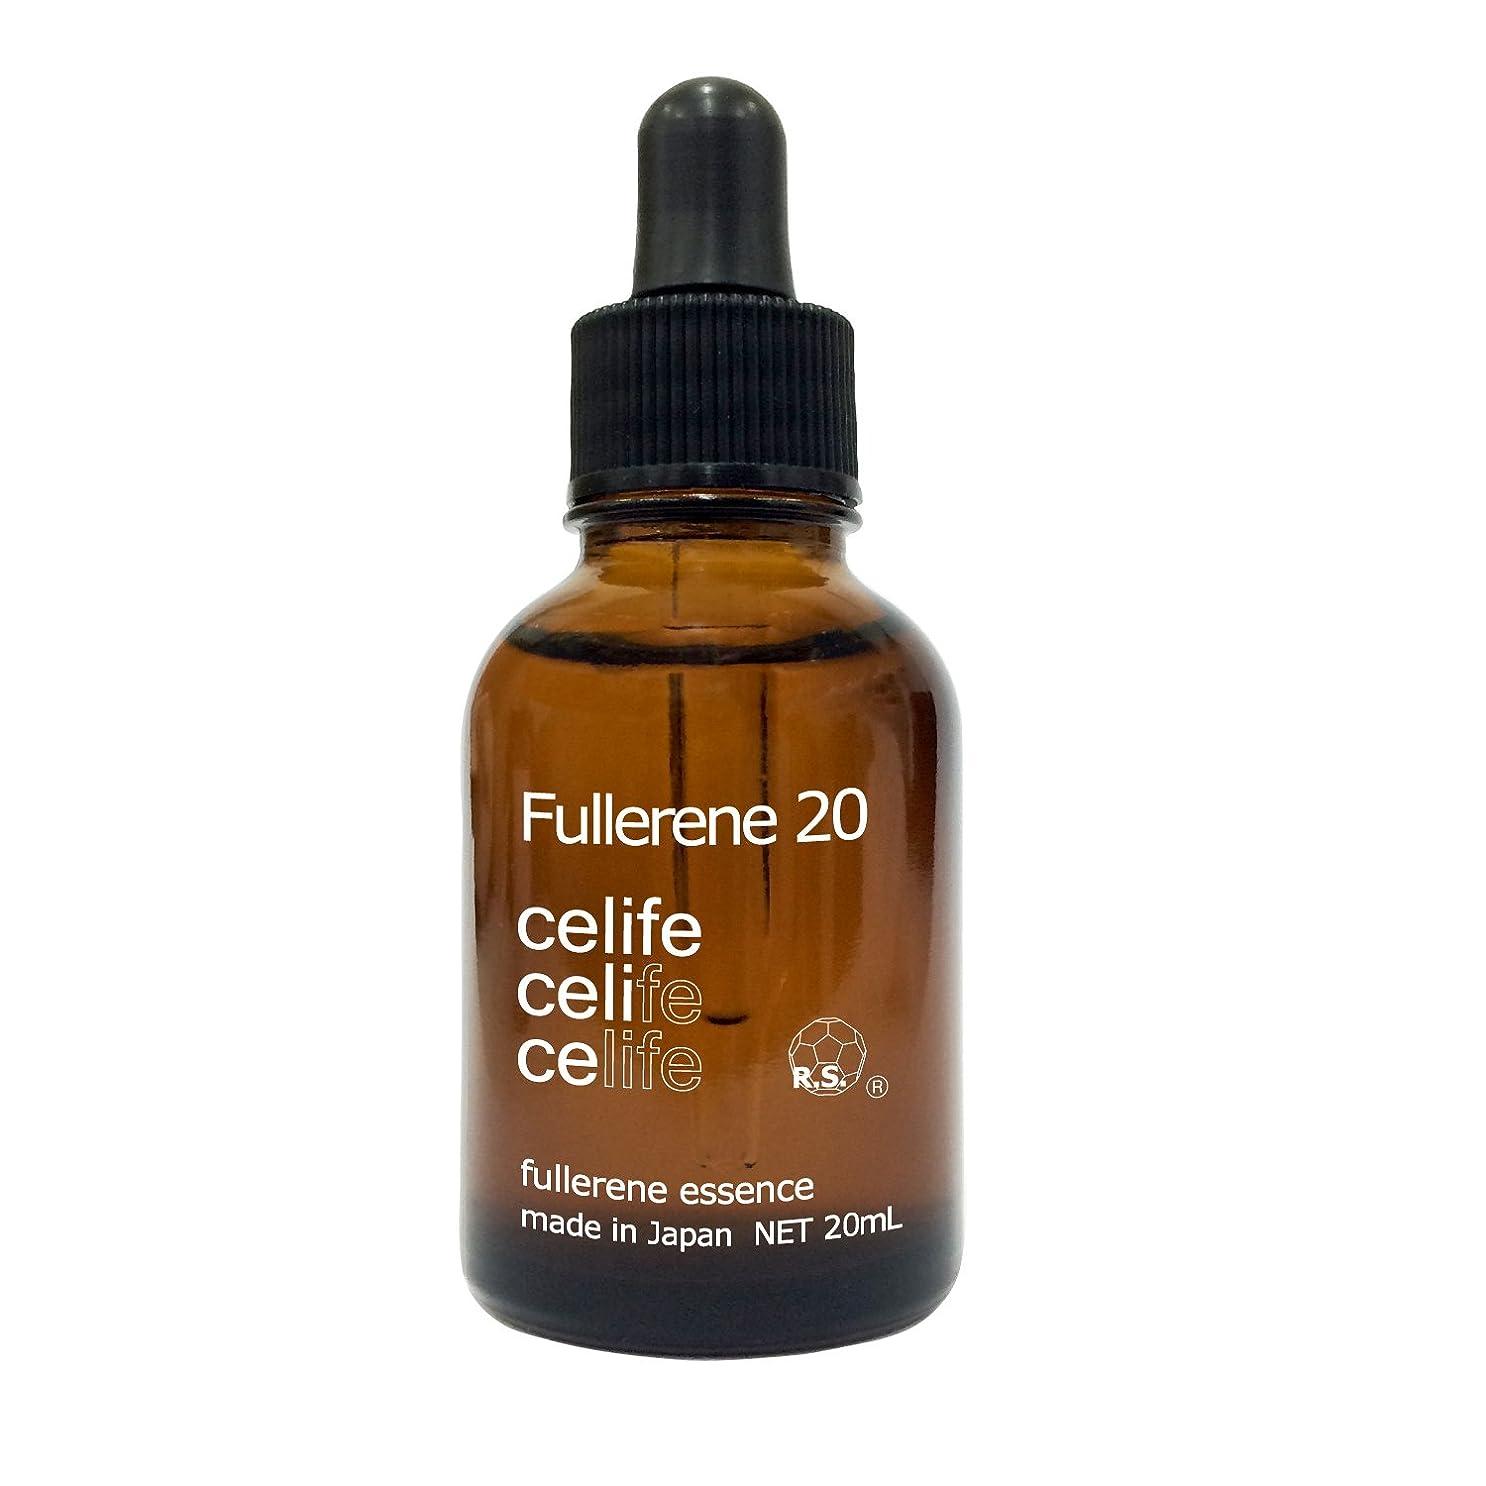 一次耐えられない良さフラーレン美容液 フラーレン20 Fullerene 20